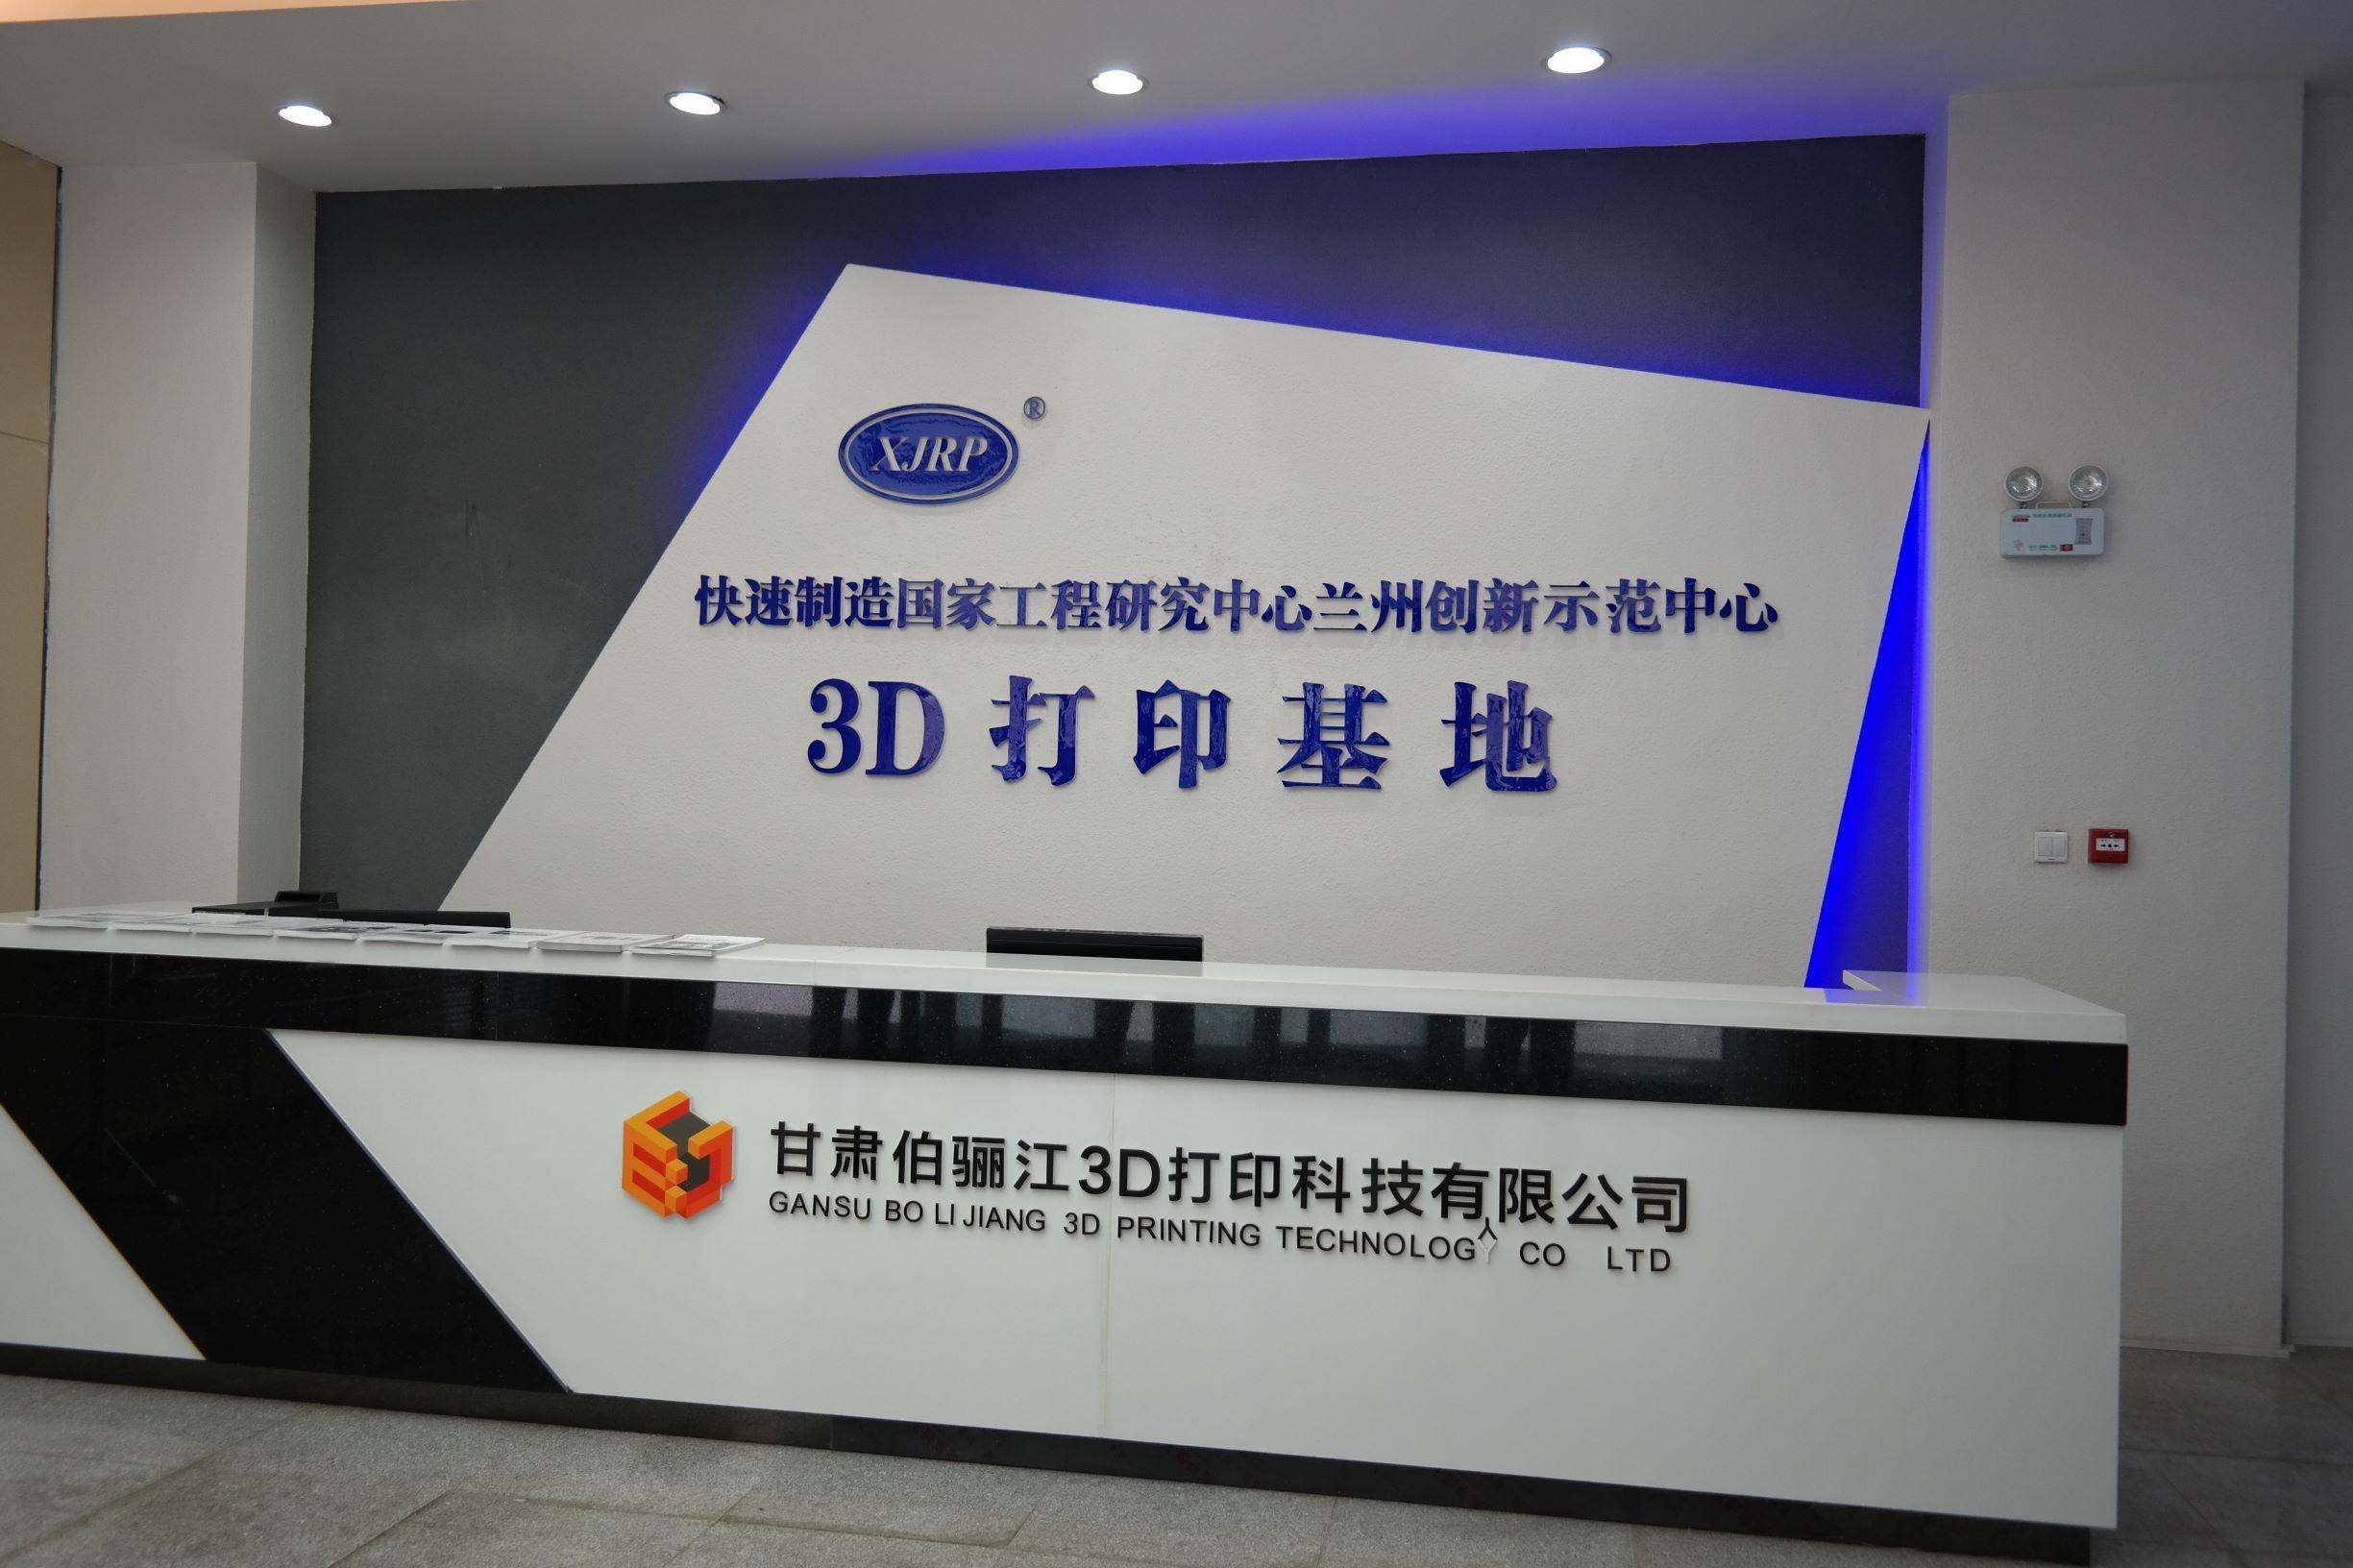 2021 一带一路暨金砖大赛之3D打印造型技术大赛(工业级光固化3D打印赛道)集训营通知